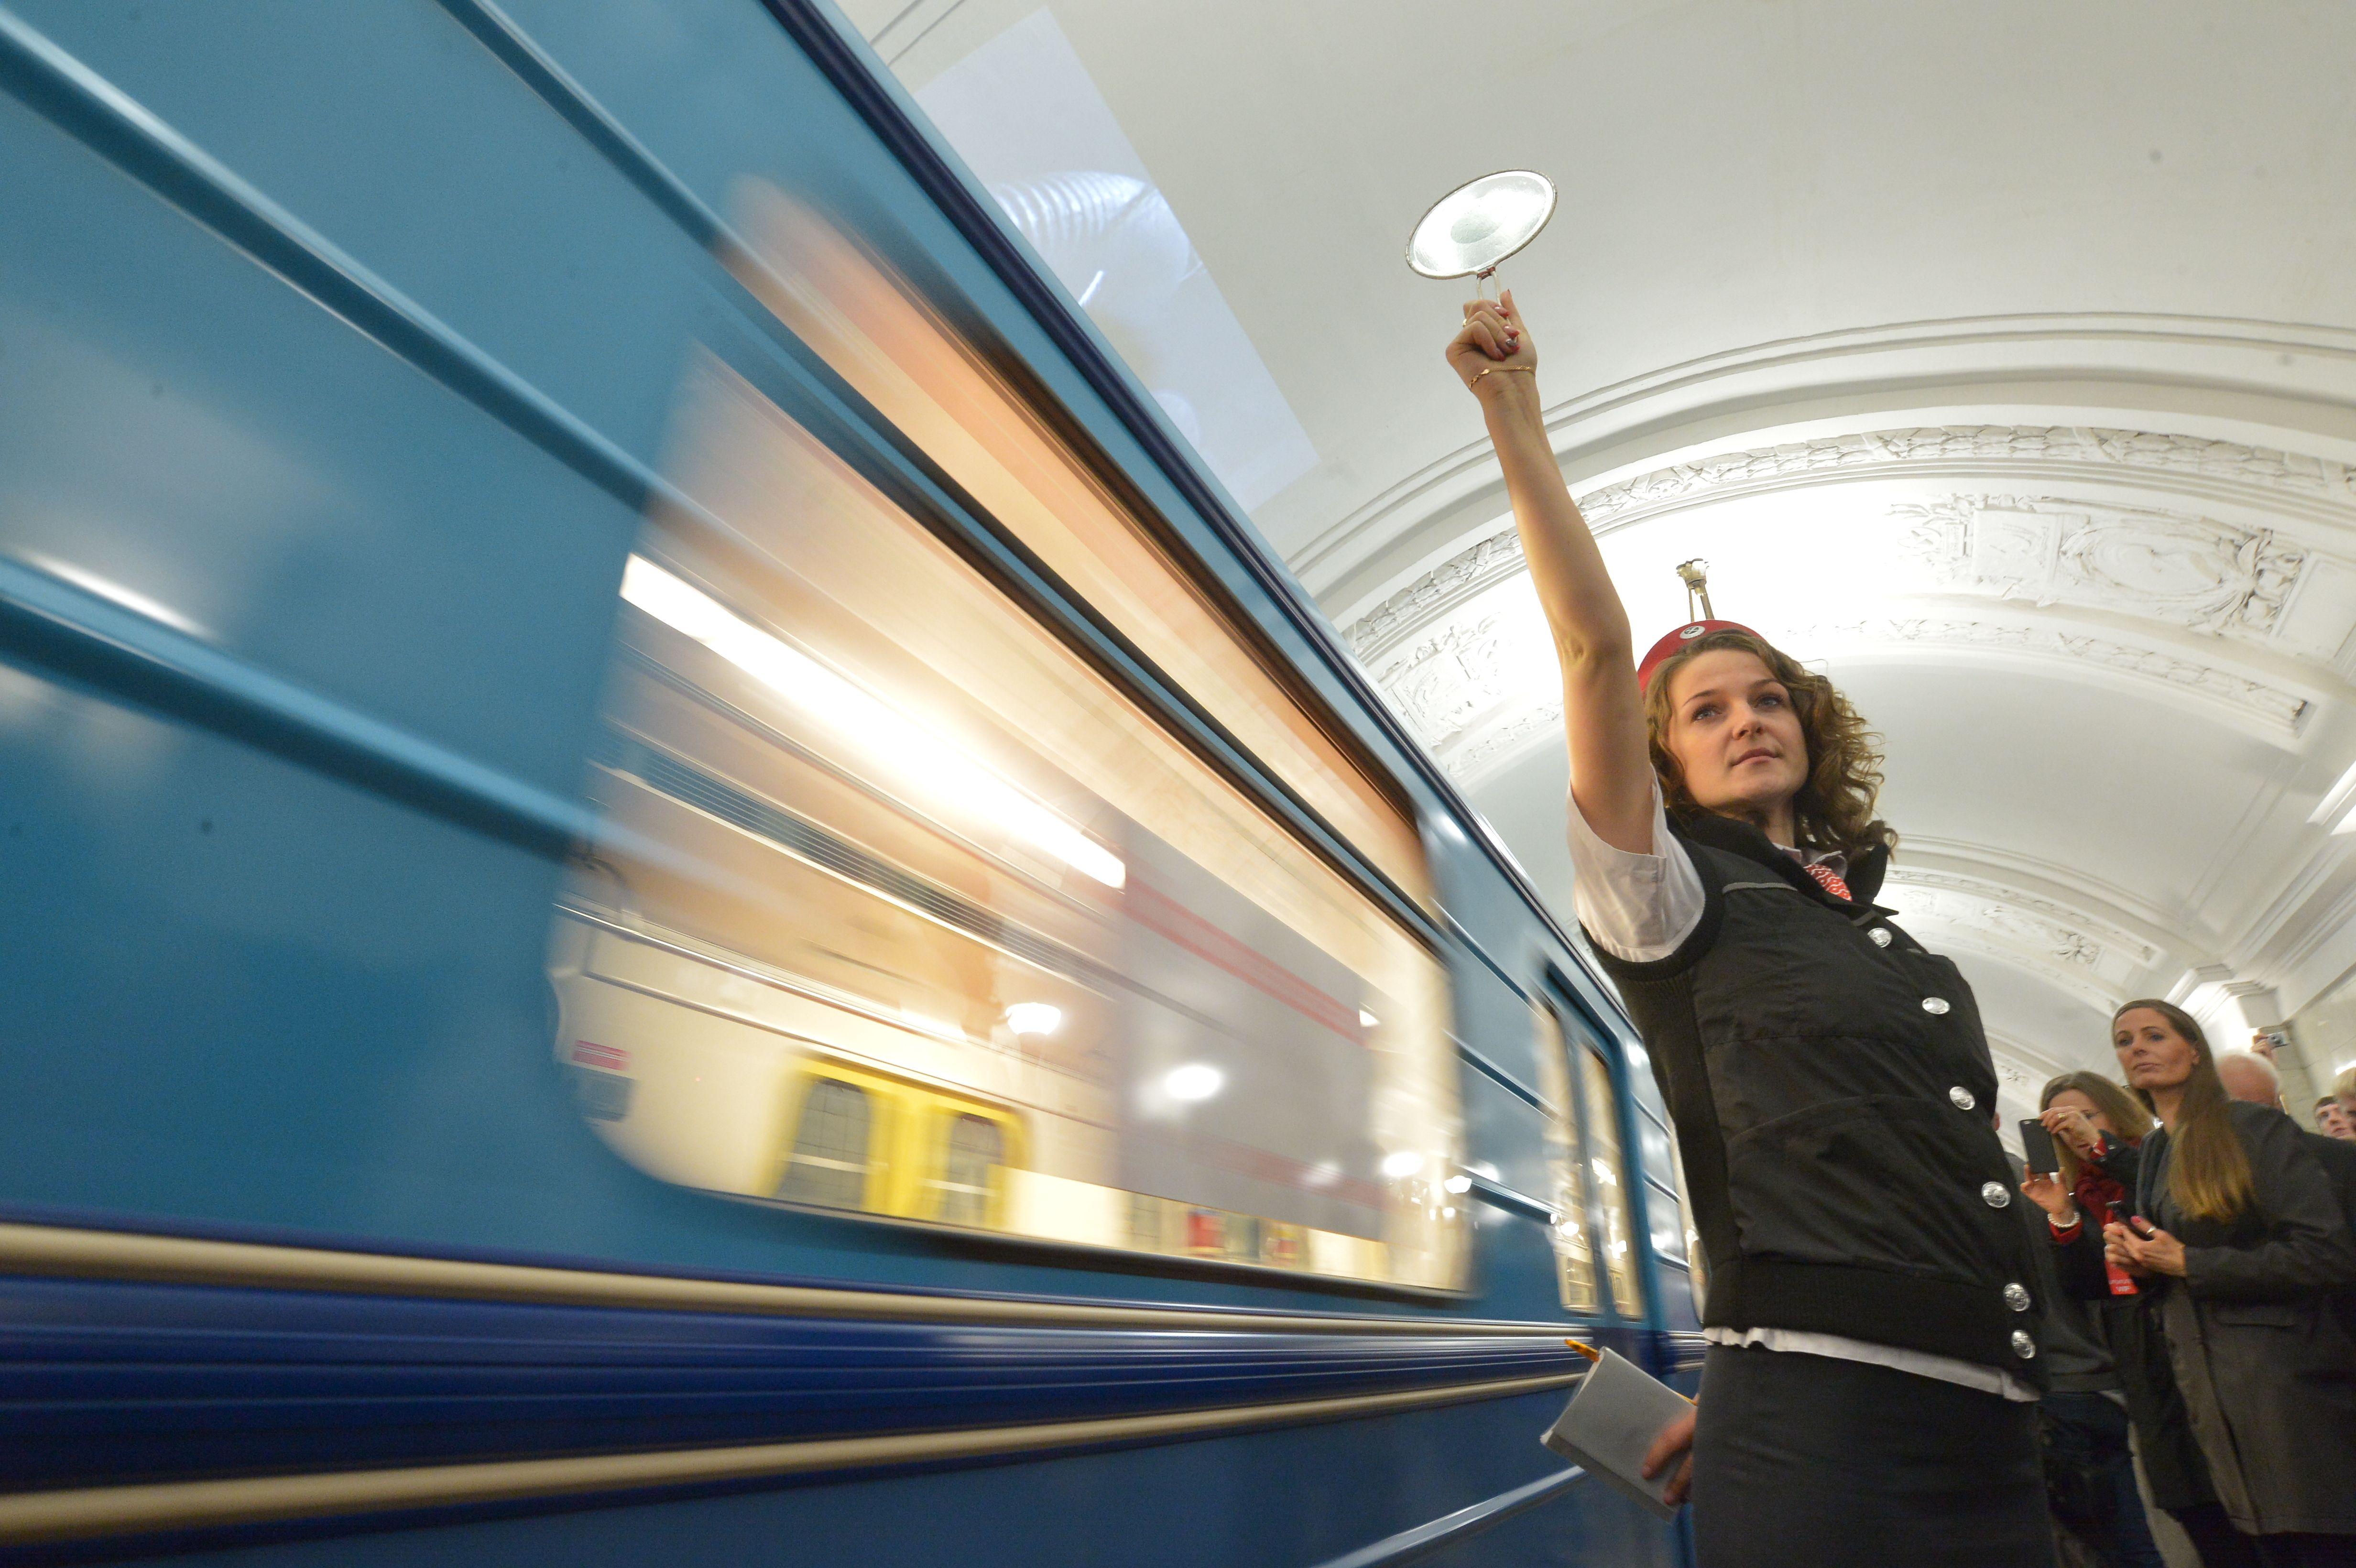 Московский метрополитен пригласил на экскурсии и парад поездов